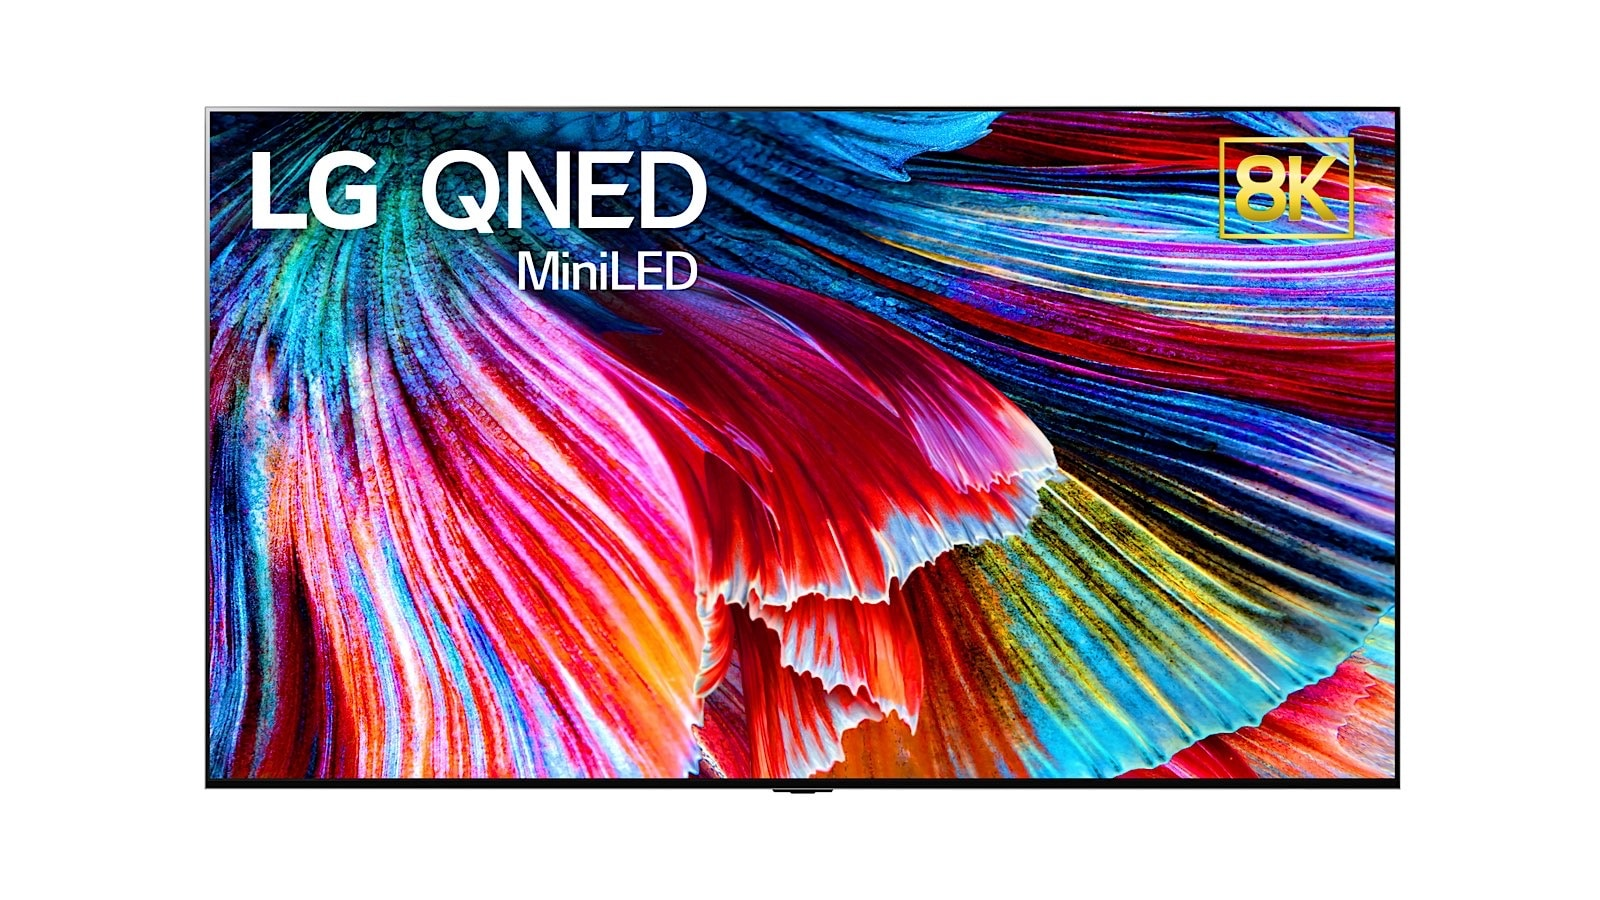 LG QNED Mini LED TVs in 2021